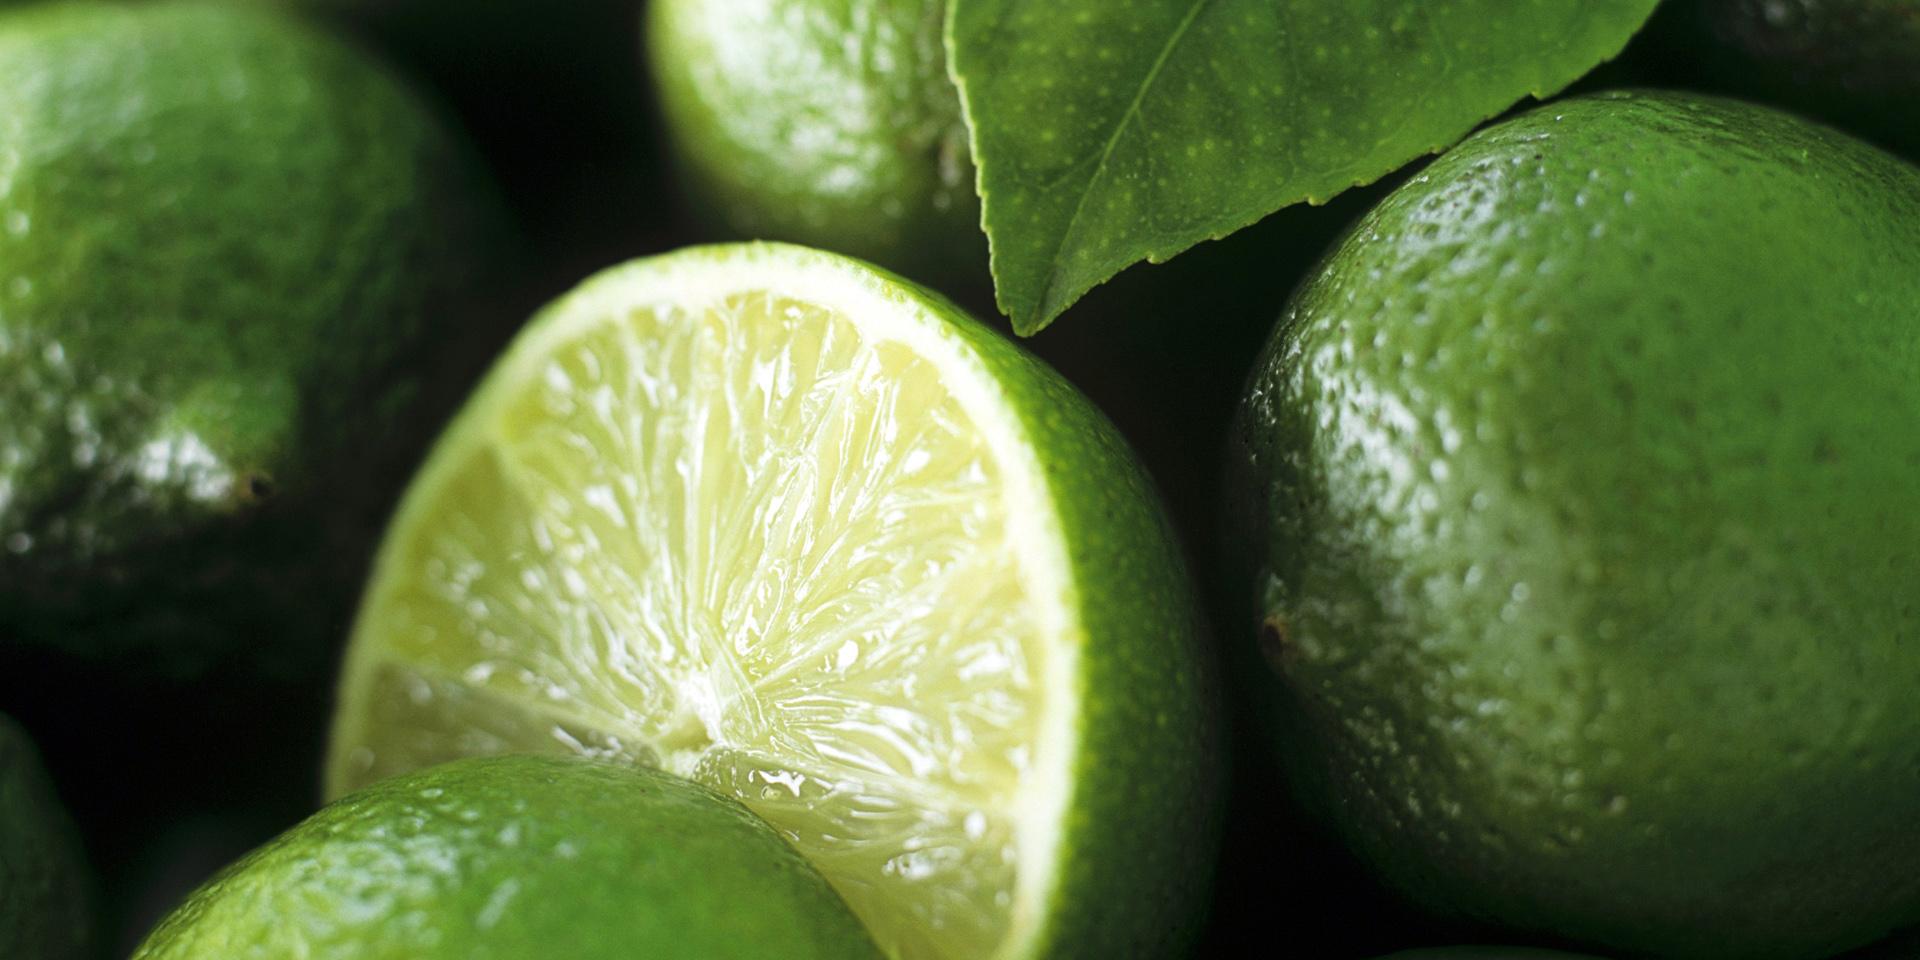 تولید ۵۰۰ هزار تن لیموترش/ چگونگی نگهداری آبلیمو